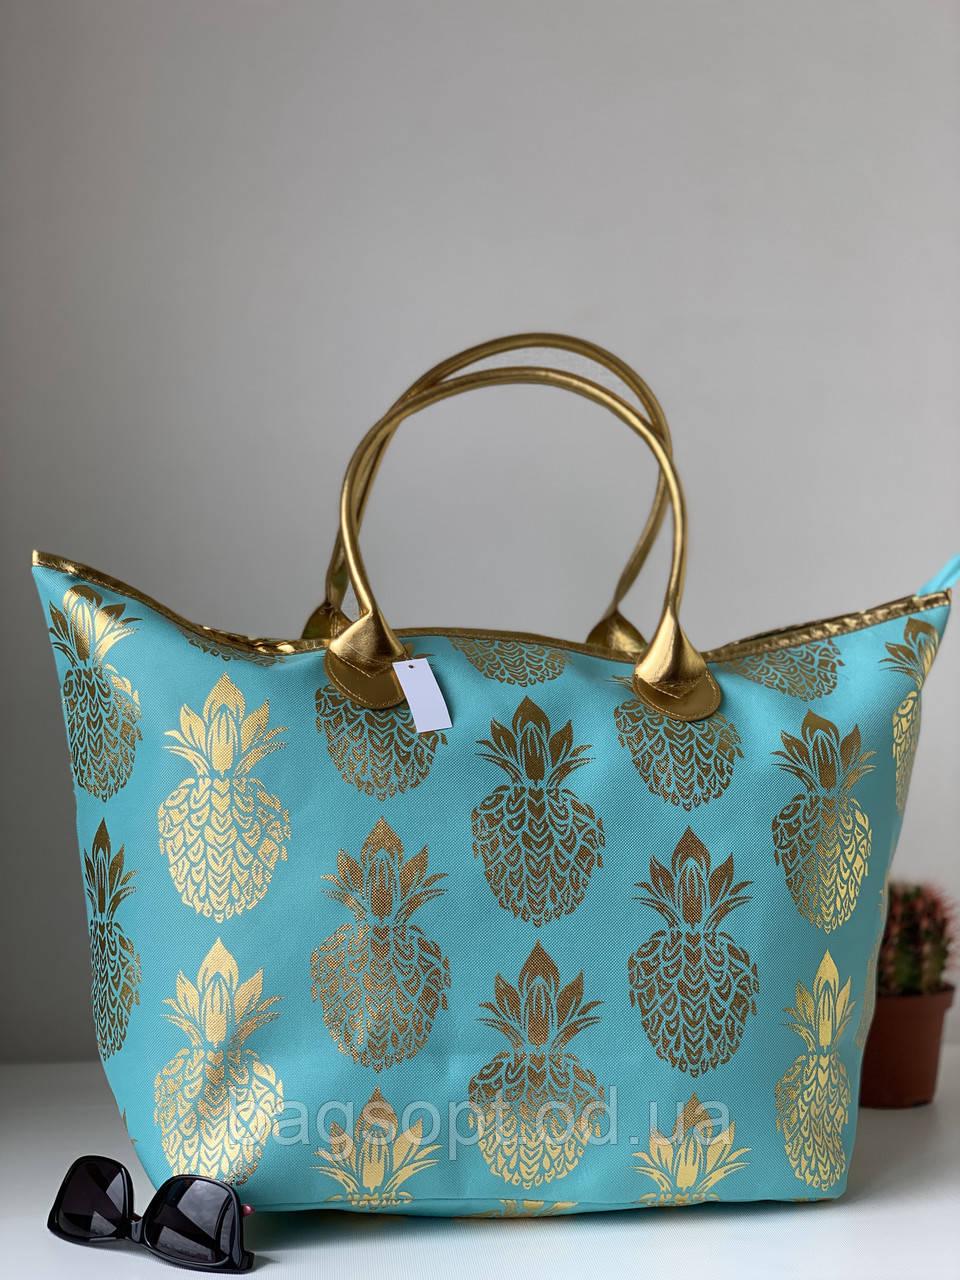 Велика тканинна пляжна сумка шоппер бірюзового кольору з візерунком ананас